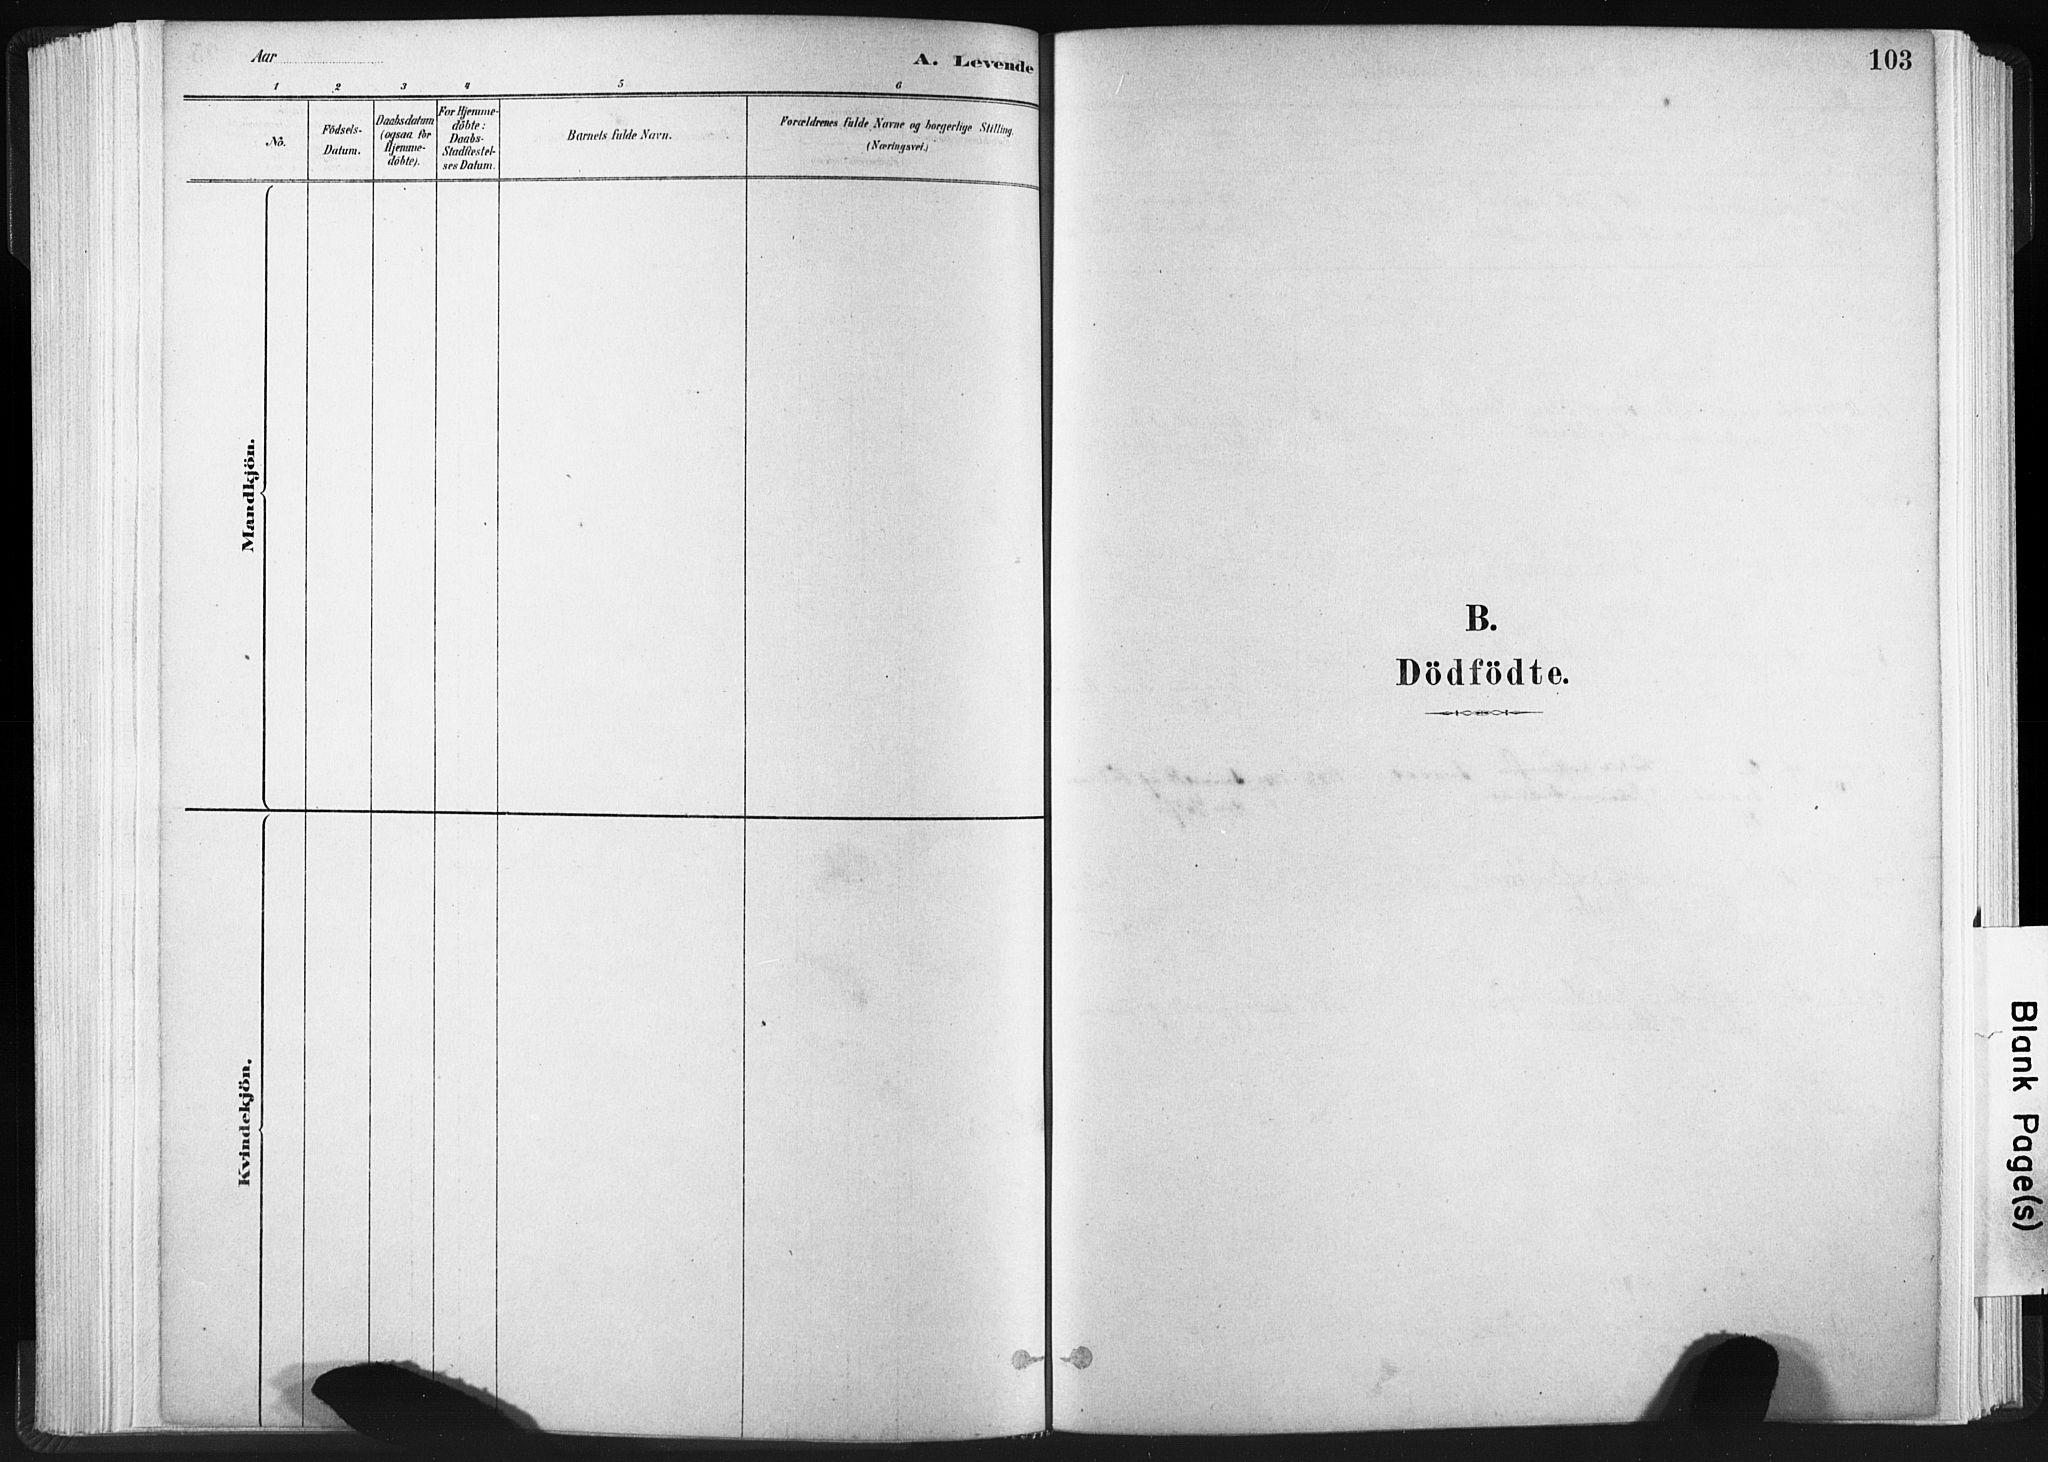 SAT, Ministerialprotokoller, klokkerbøker og fødselsregistre - Sør-Trøndelag, 665/L0773: Ministerialbok nr. 665A08, 1879-1905, s. 103